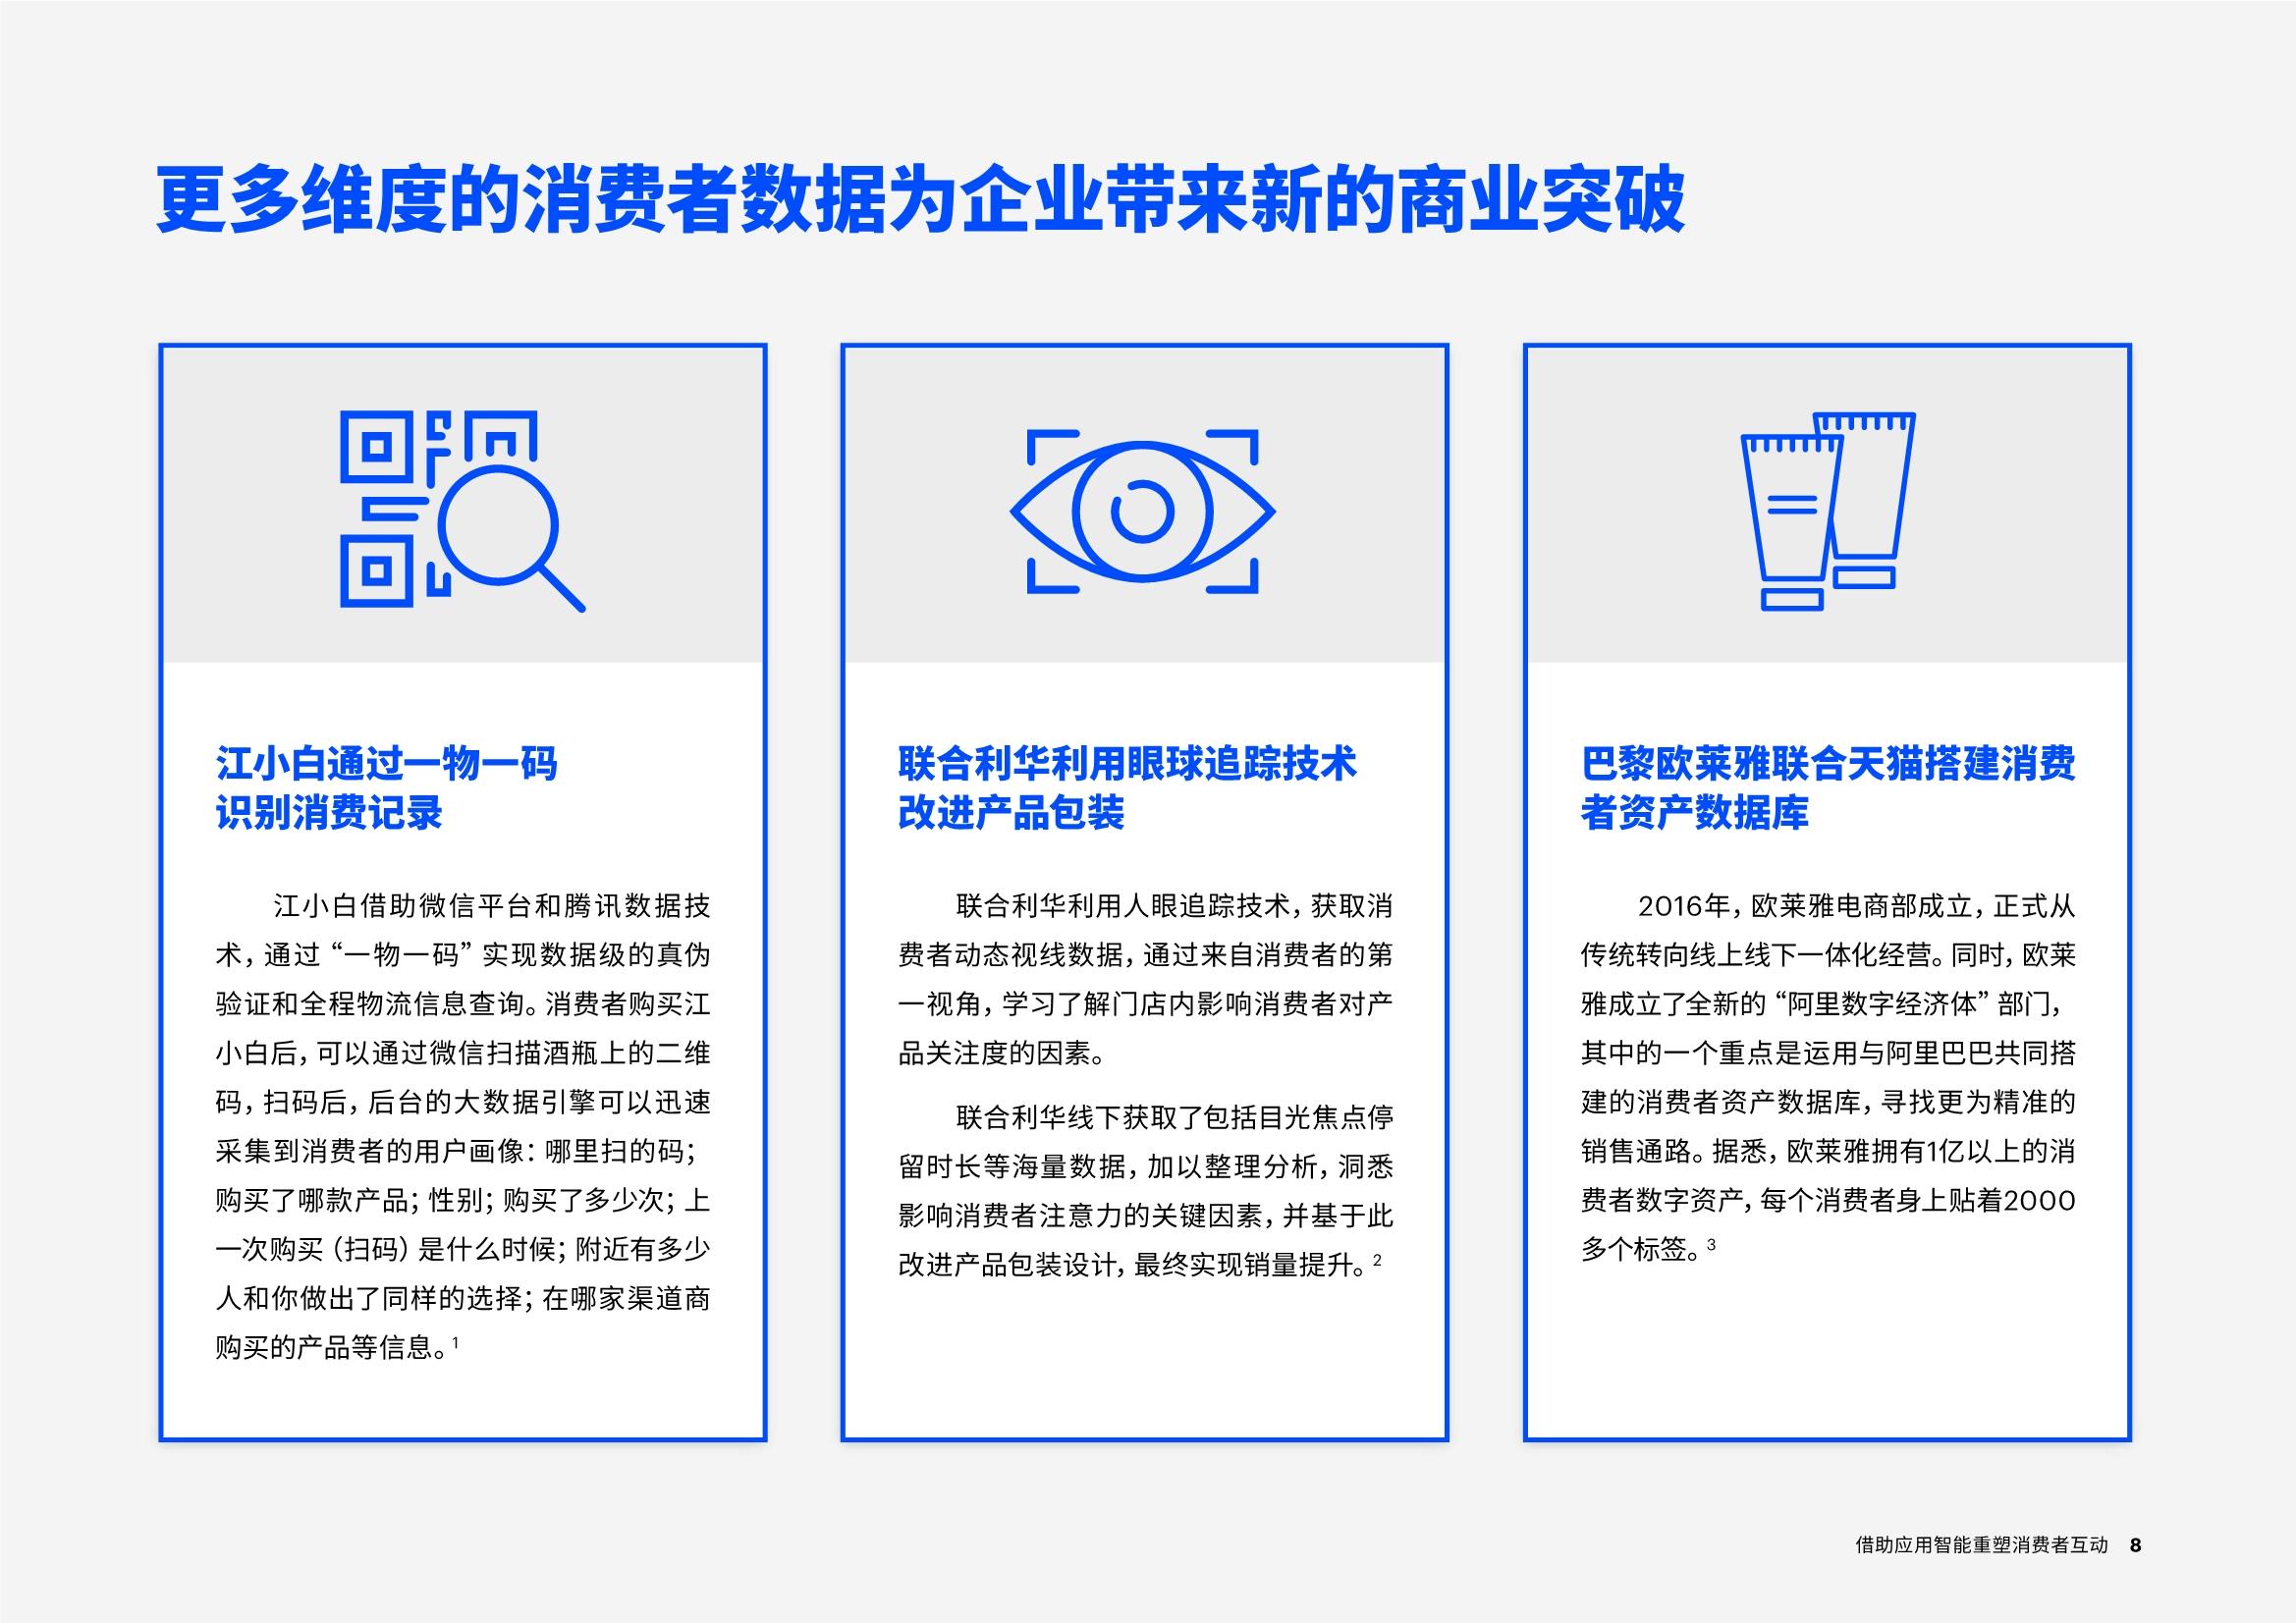 如何吸引消费者:借助应用智能重塑消费者互动